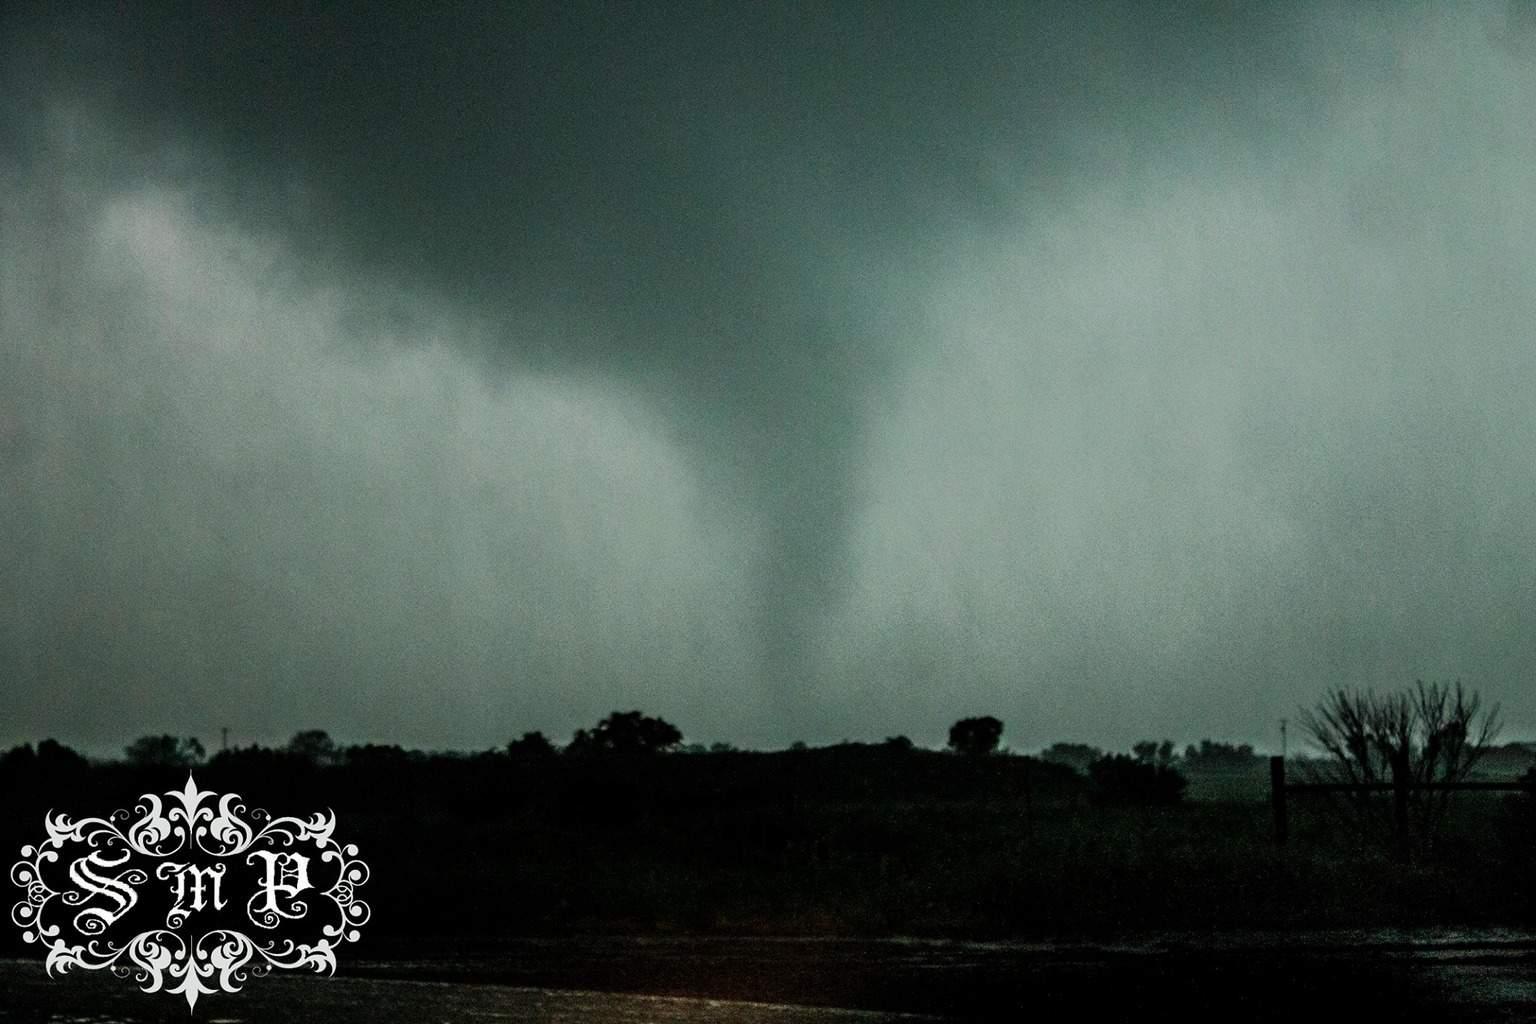 """""""Lone Star Tornado""""  5-7-15 Wilbarger County Texas... 13 Miles South of Vernon, TX... Single Image... Zero Editing... Enjoy..."""